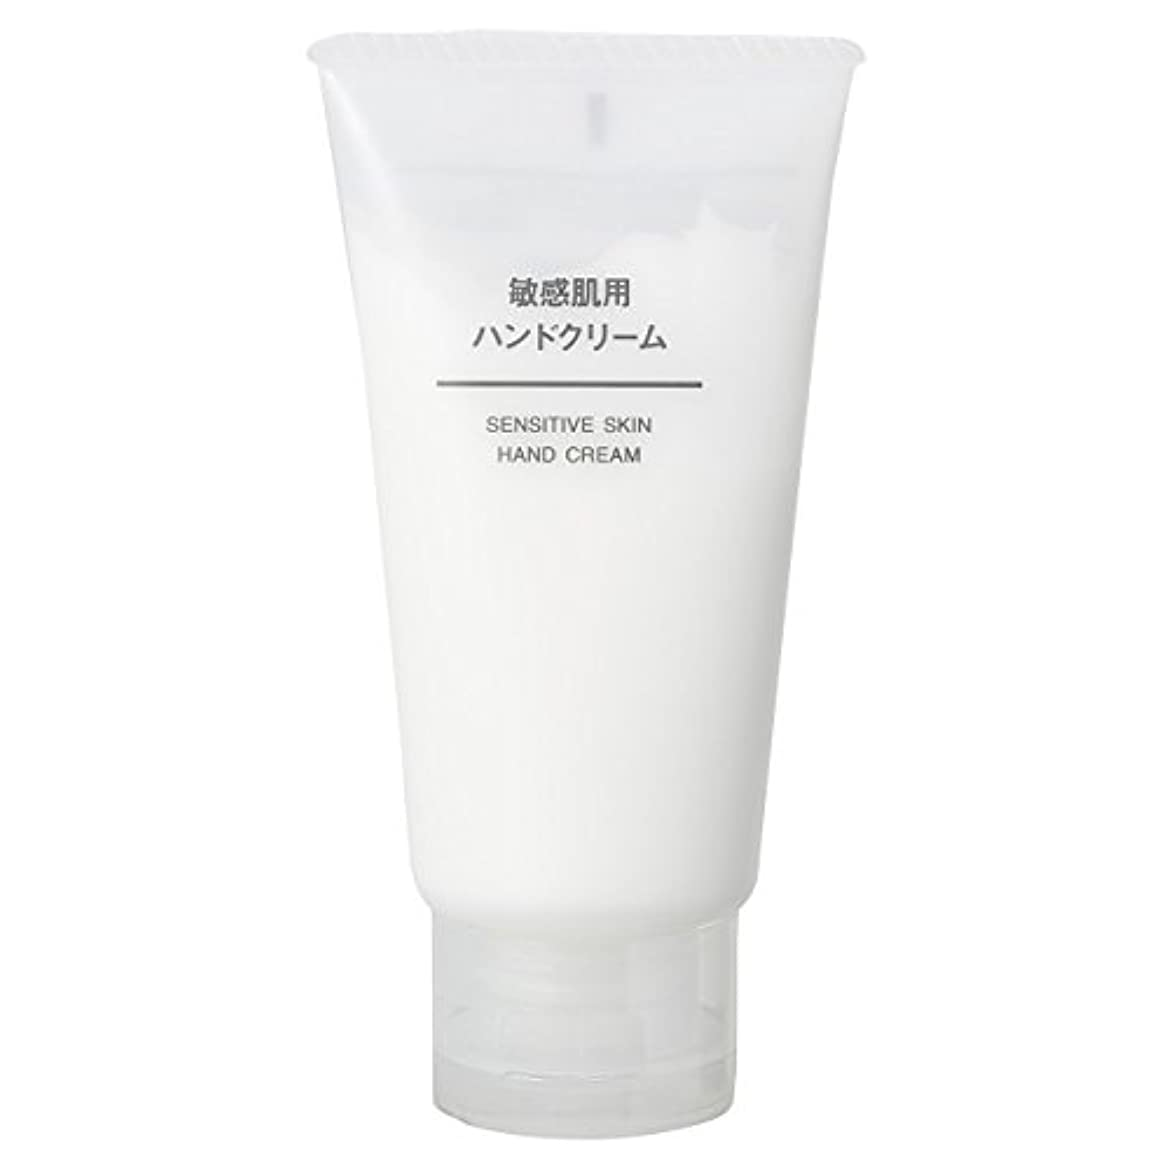 涙思いやりのある証明する無印良品 敏感肌用 ハンドクリーム 50g 日本製